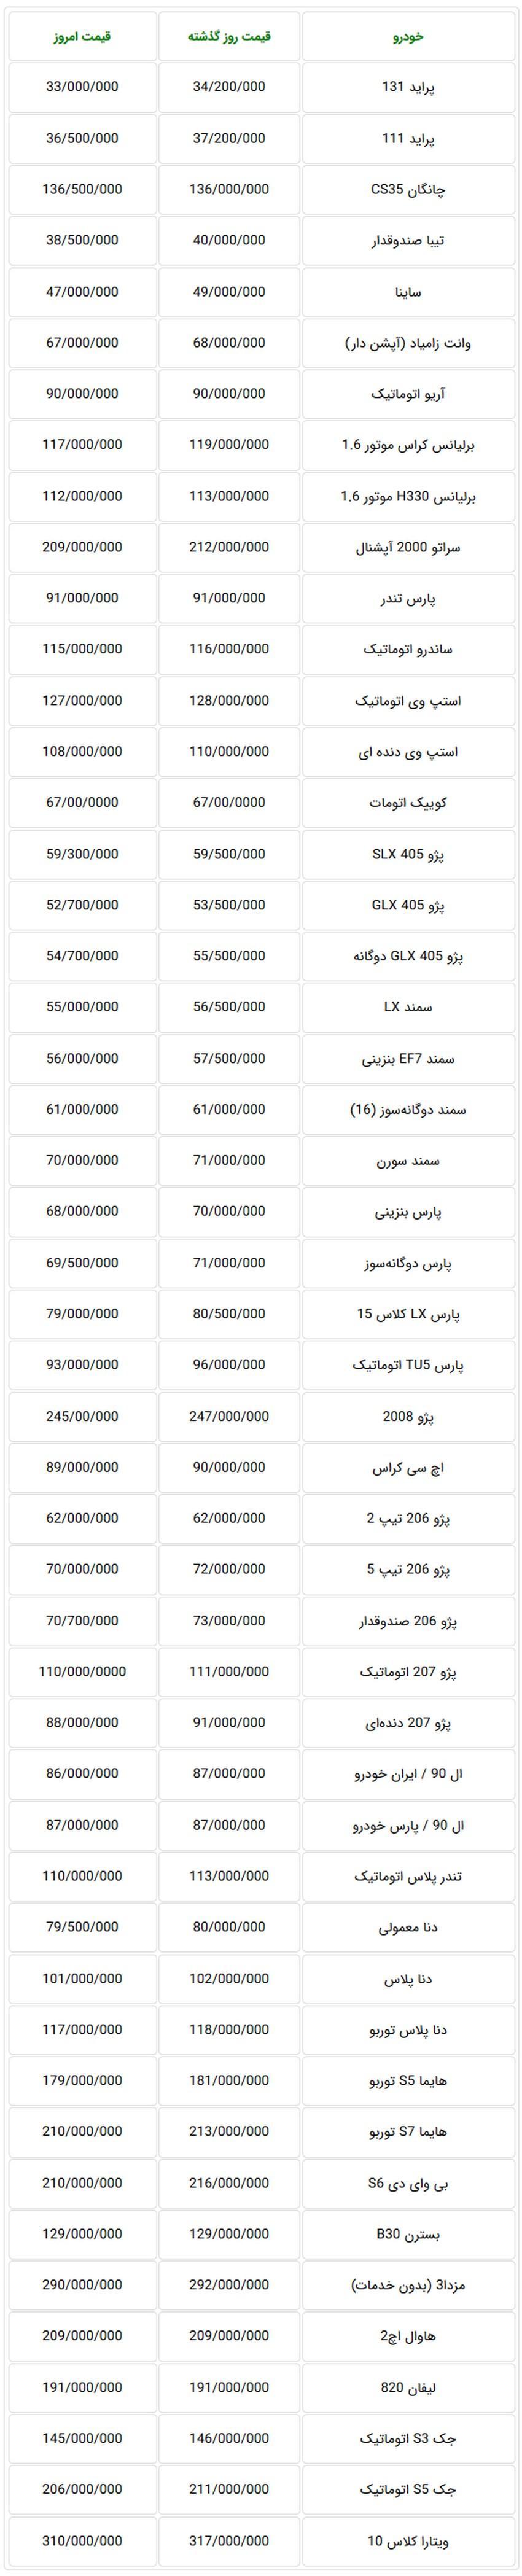 ادامه کاهش قیمت خودروهای تولید داخل در بازار تهران 11 مهر + جدول